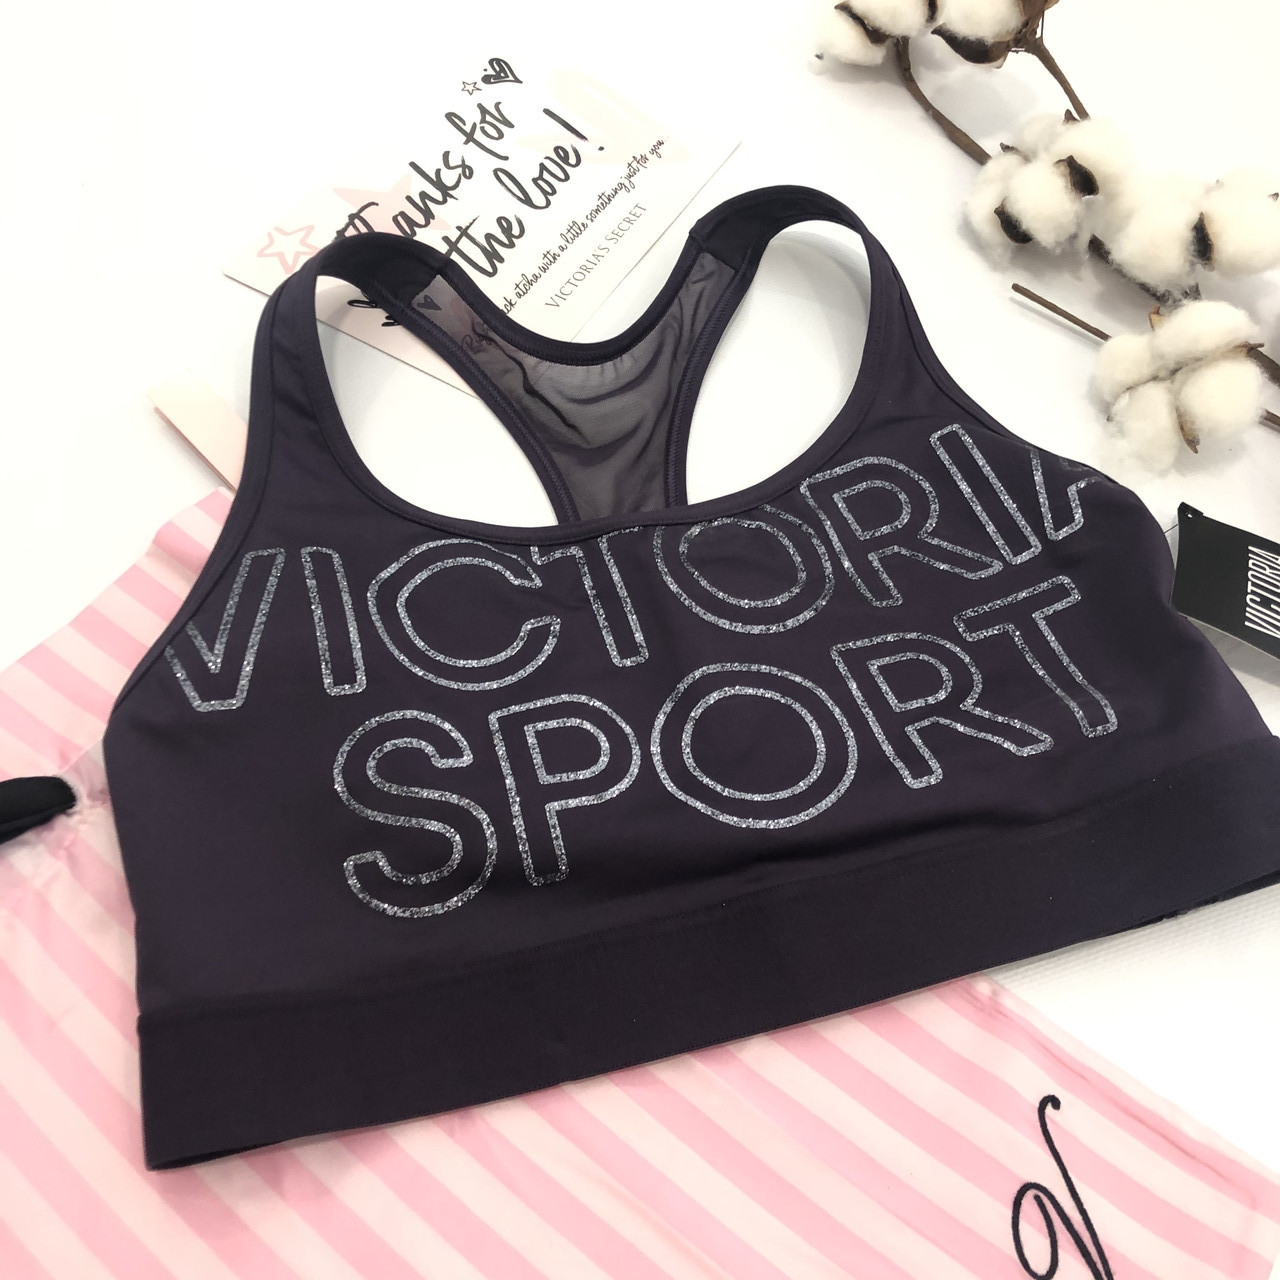 Спортивный мягкий топ Victoria Secret, оригинал! Виктория Сикрет